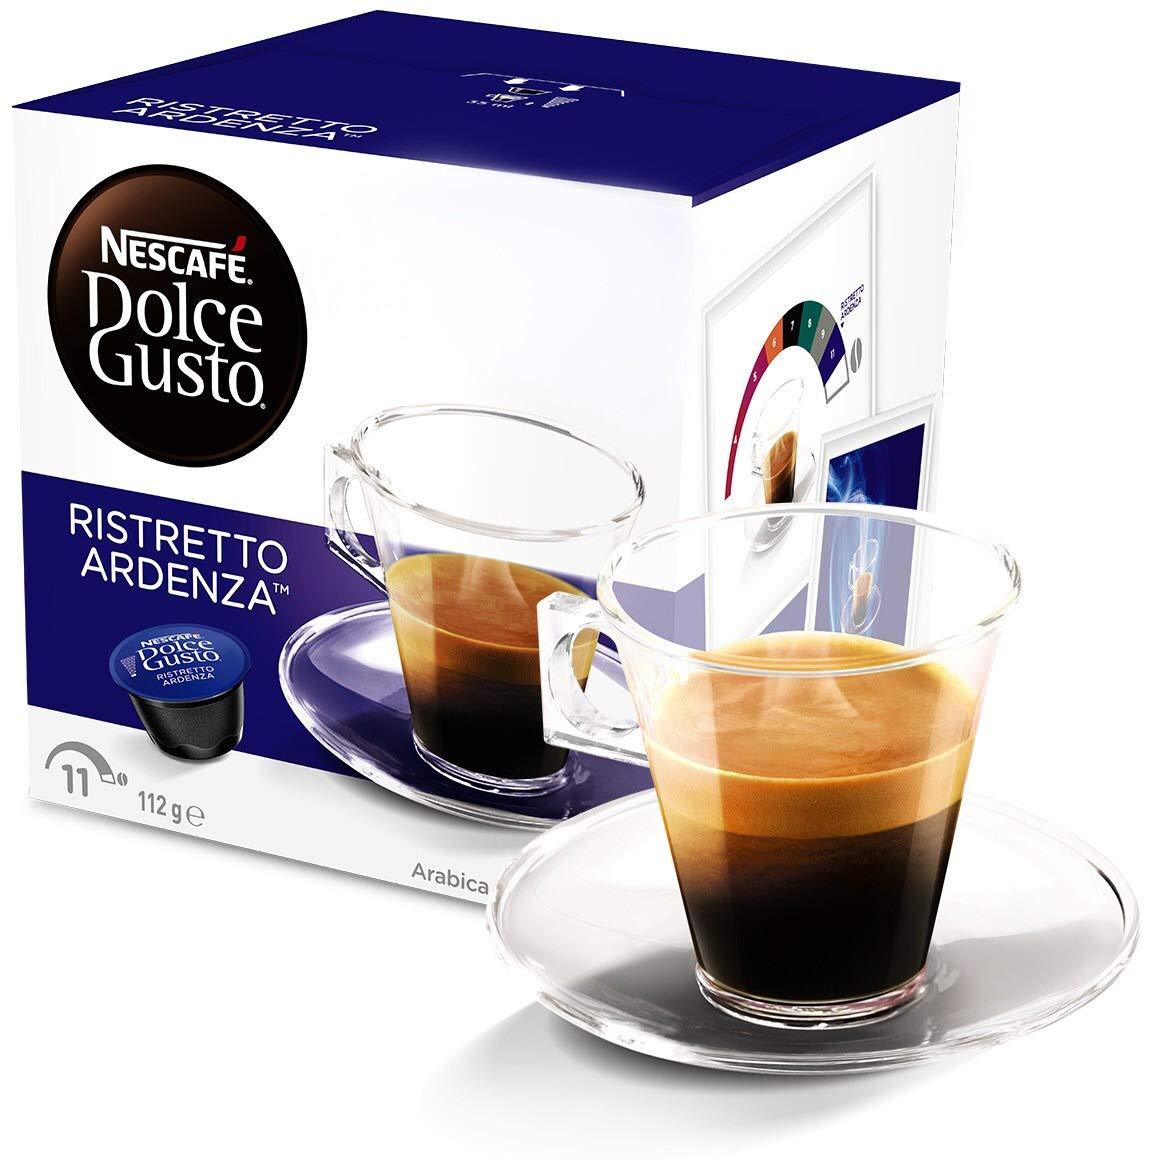 Nestlé Nescafe Dolce Gusto - Cafetera con sabor a ardenza ...